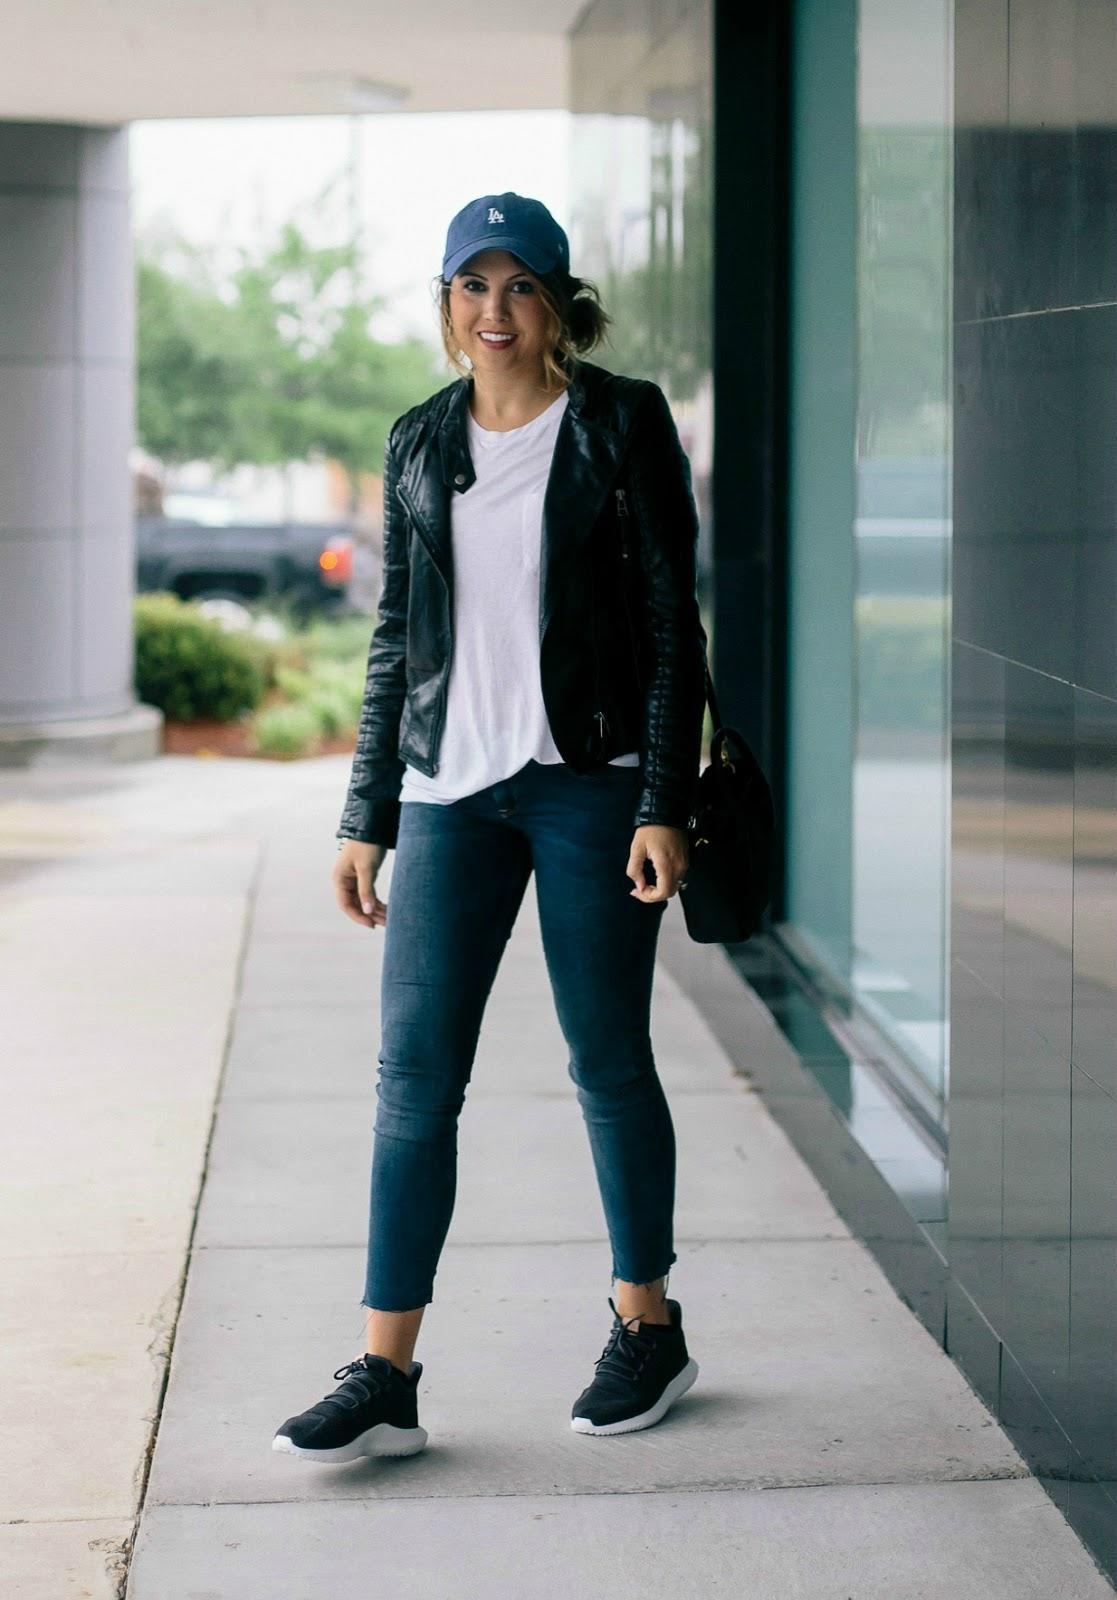 adidas tubular, athleisure, quilted leather jacket